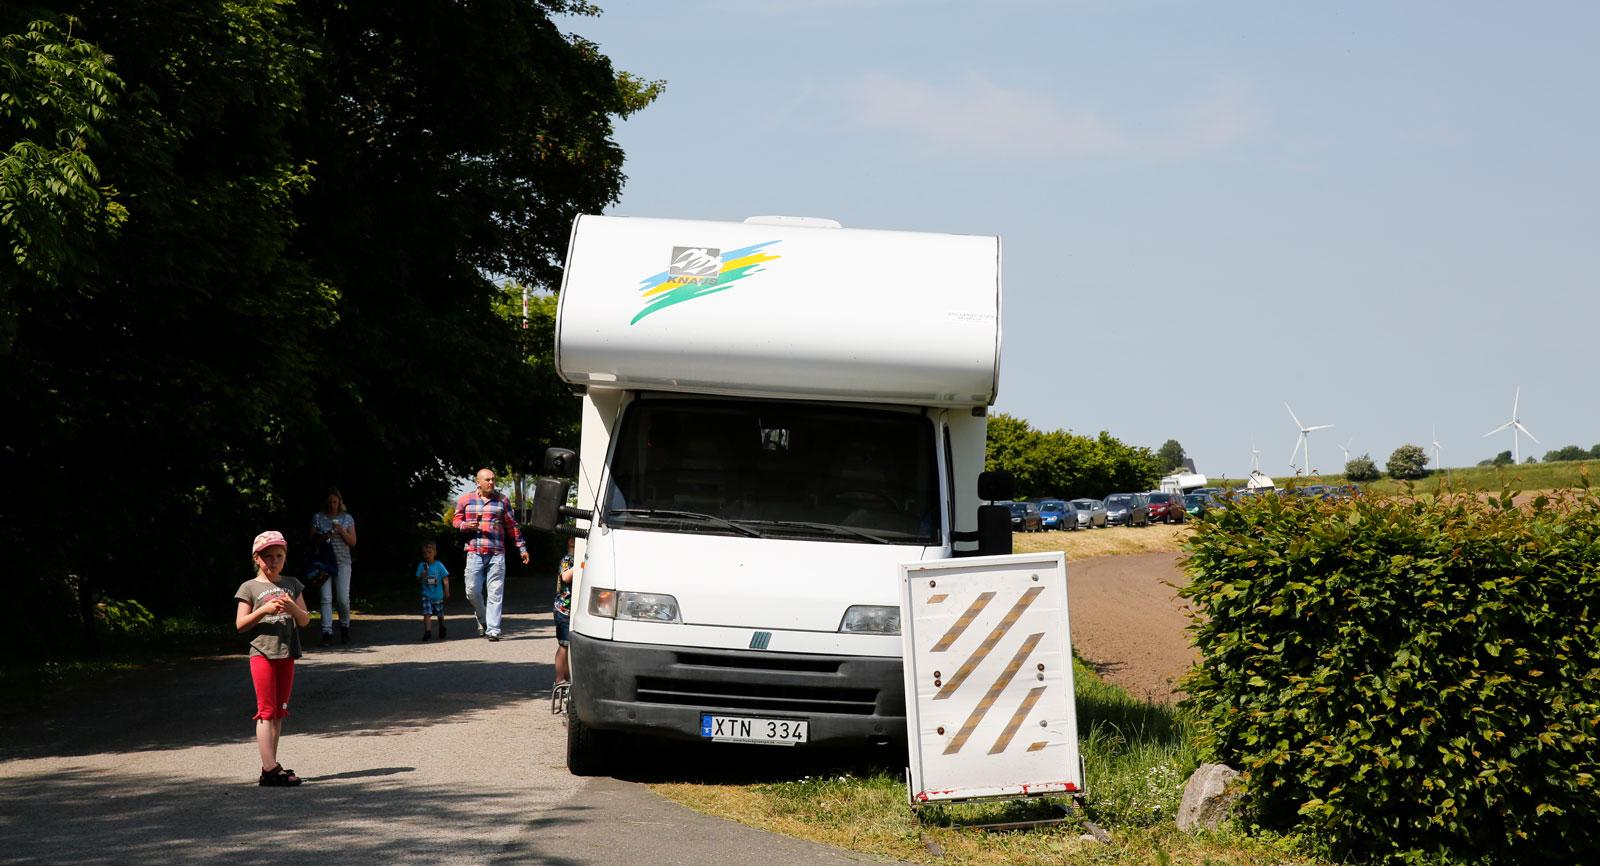 Det är stundtals trångt vid Glimmingehus. I synnerhet under de populära riddarspelen i mitten av juni.